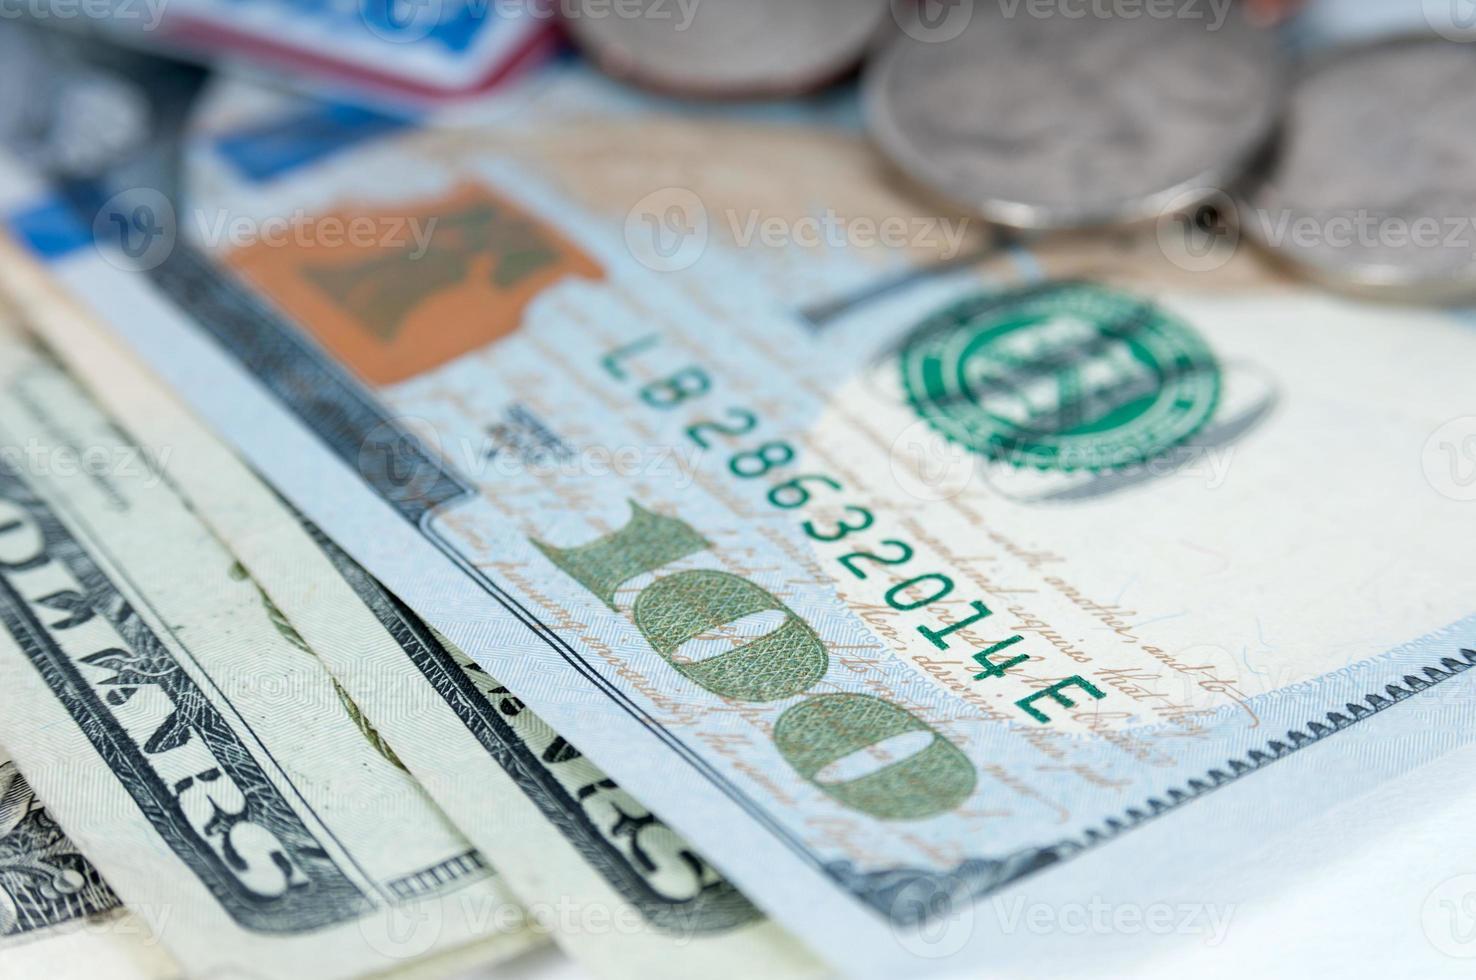 amerikanische Dollar-Geldscheine und Münzen Nahaufnahme-Makrobild foto